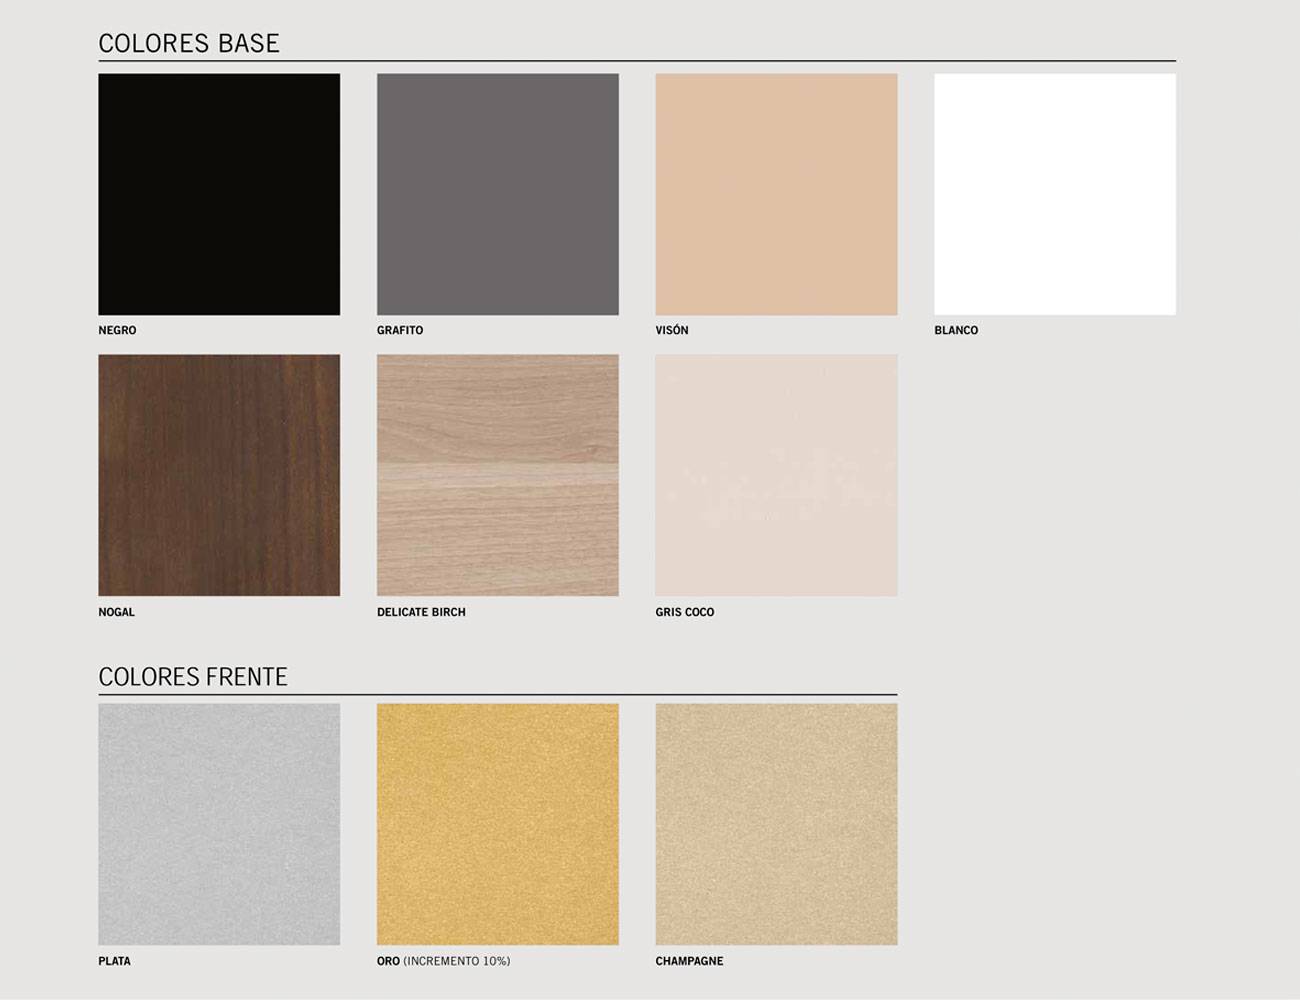 Colores base1